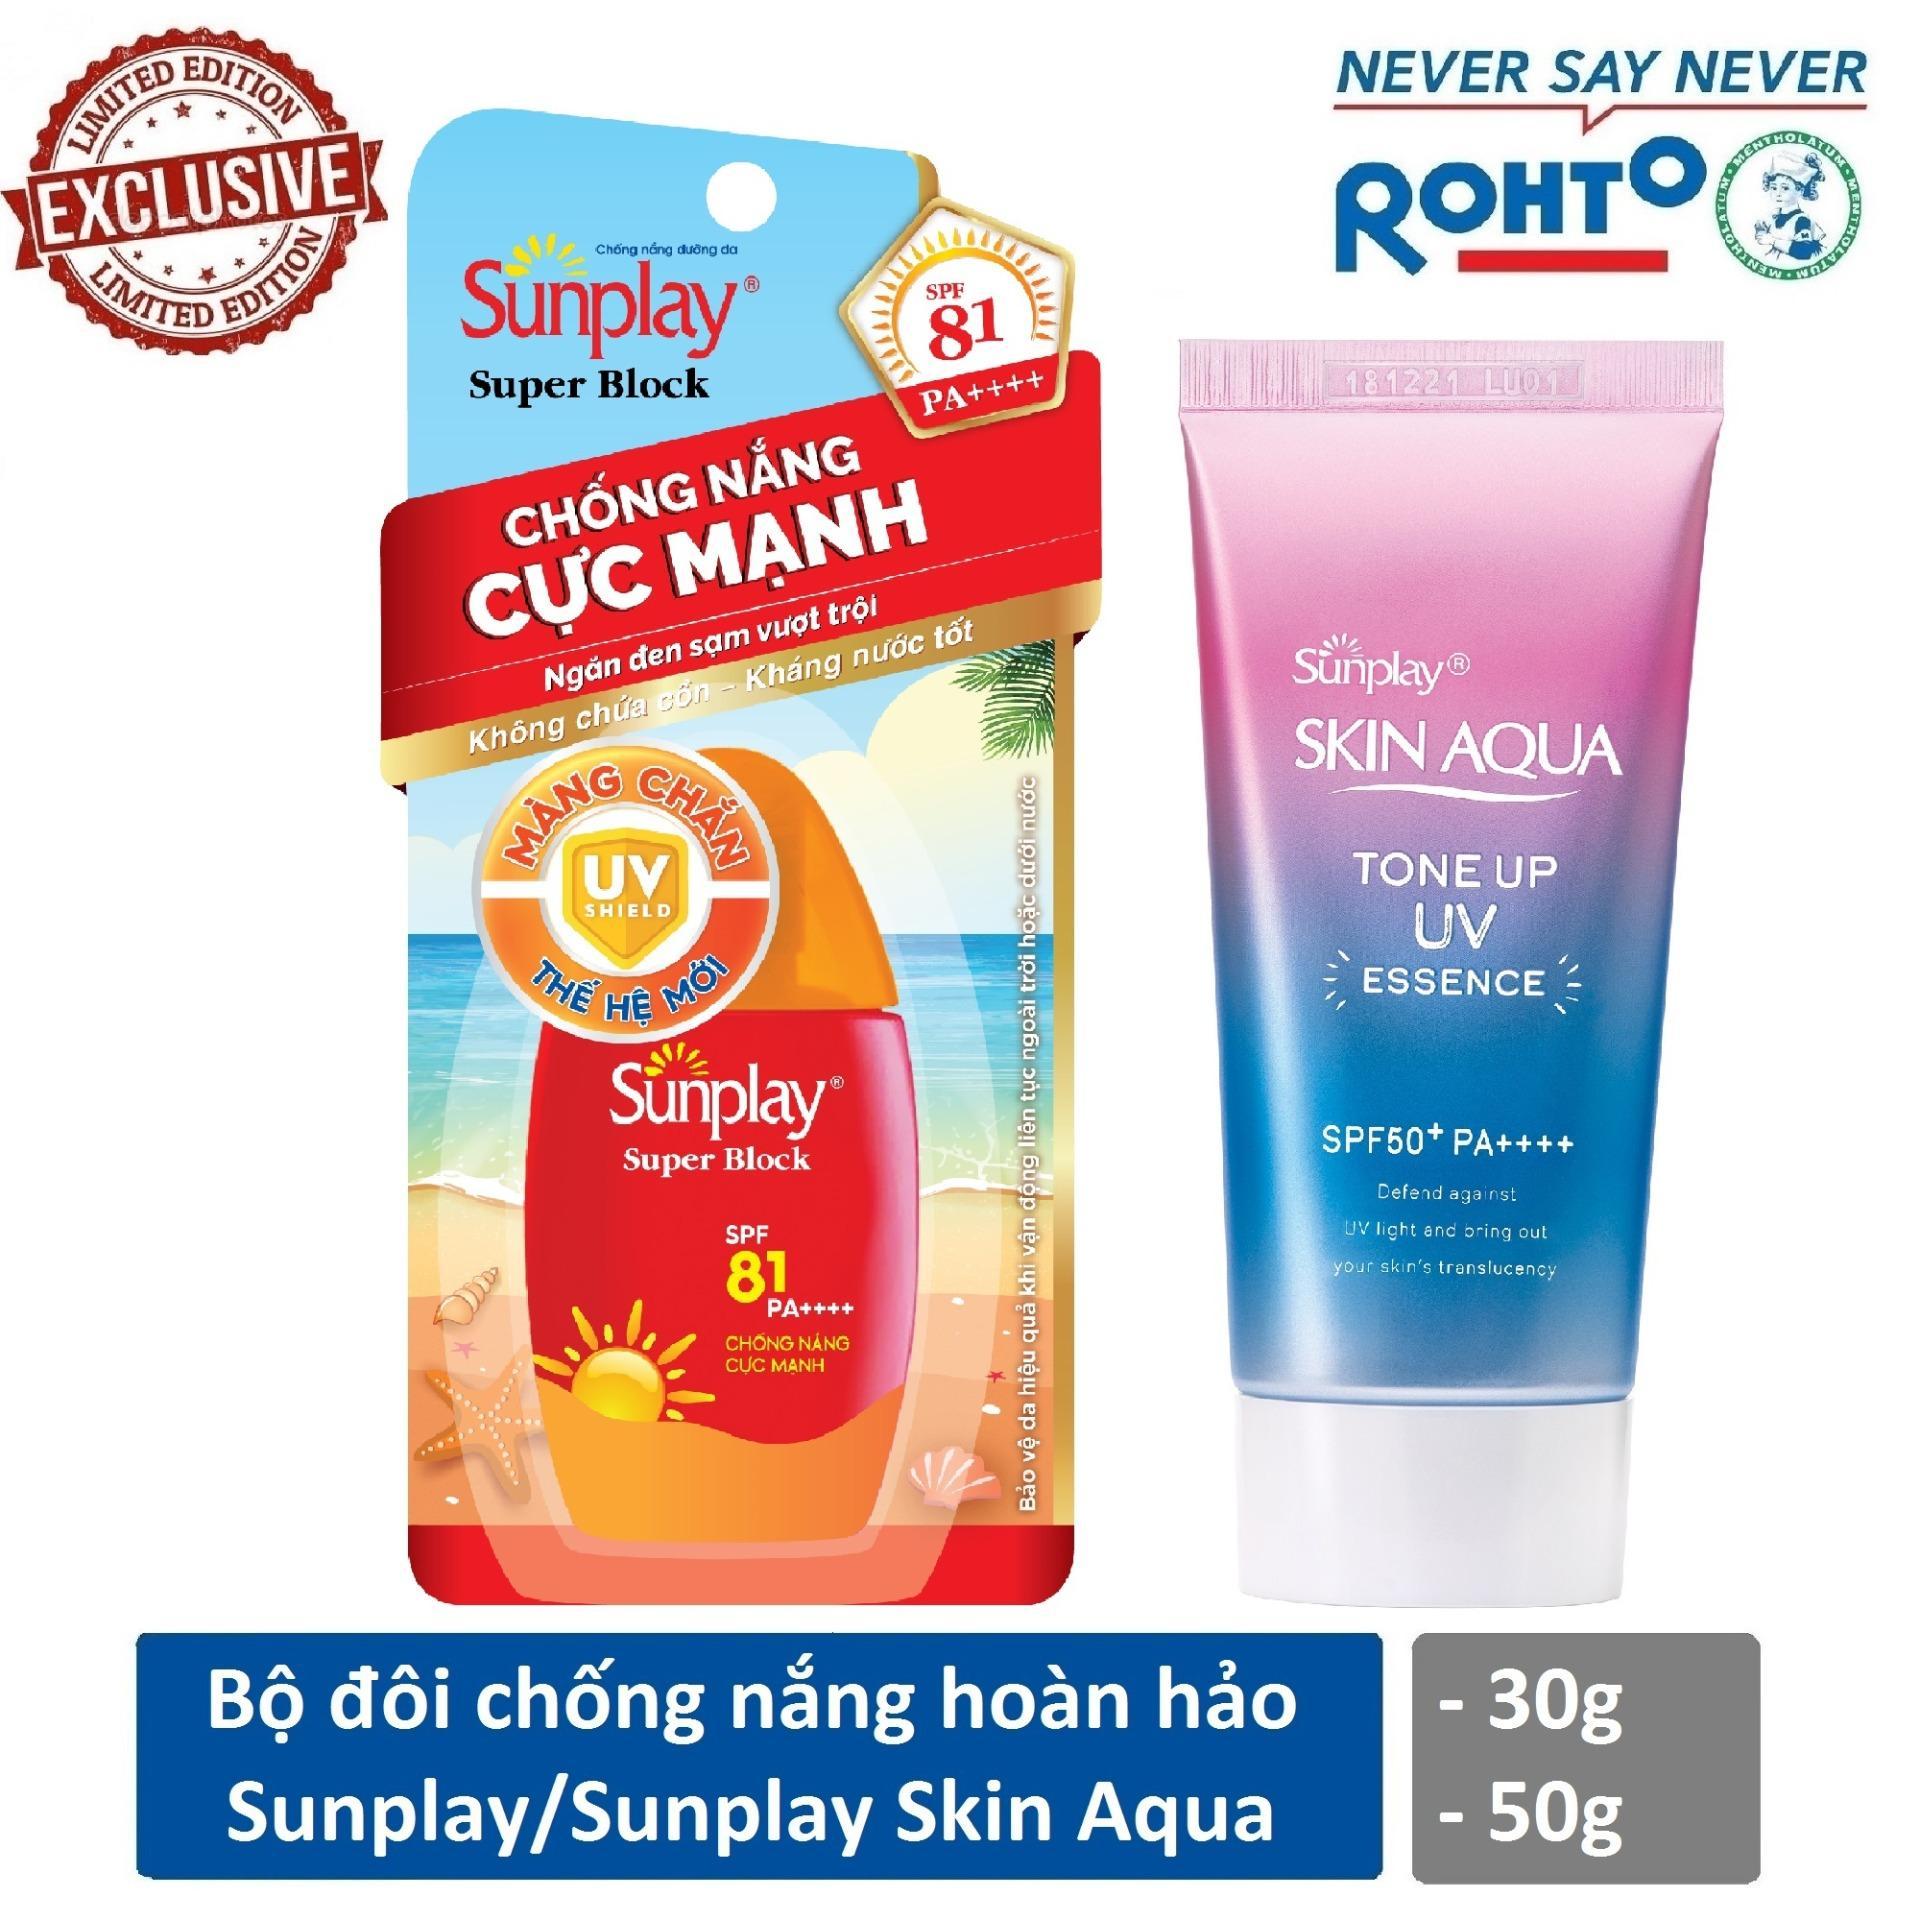 [HCM]Bộ đôi chống nắng hoàn hảo (Kem chống nắng cực mạnh Sunplay Super Block 30g + Kem chống nắng tinh chất hiện chỉnh sắc da Sunplay Skin Aqua UV Tone Up Essence 50g)